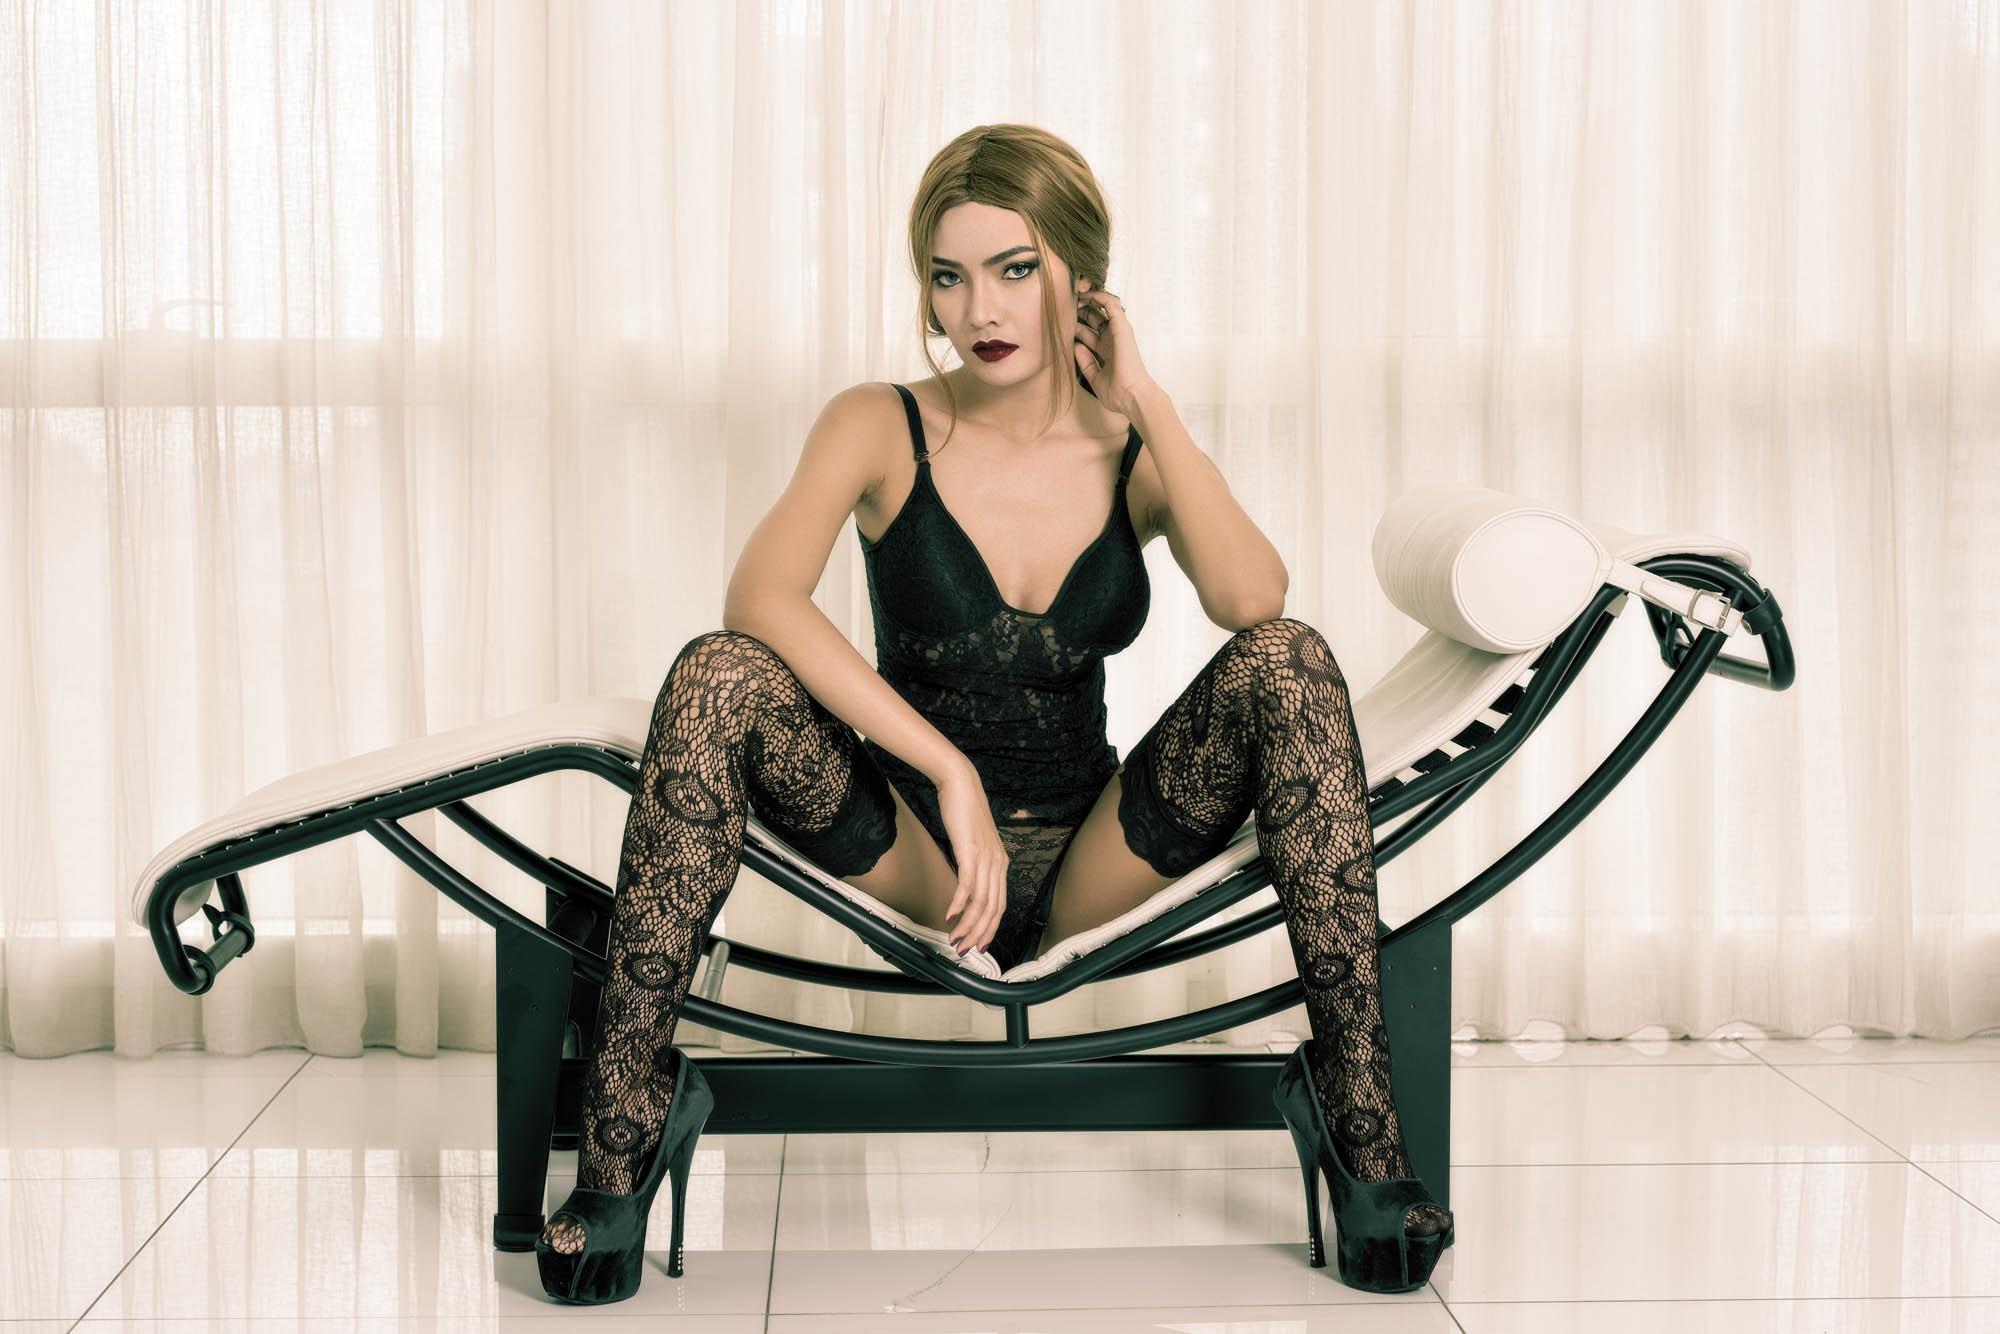 Женщина сидящая на стуле в чулках — photo 13